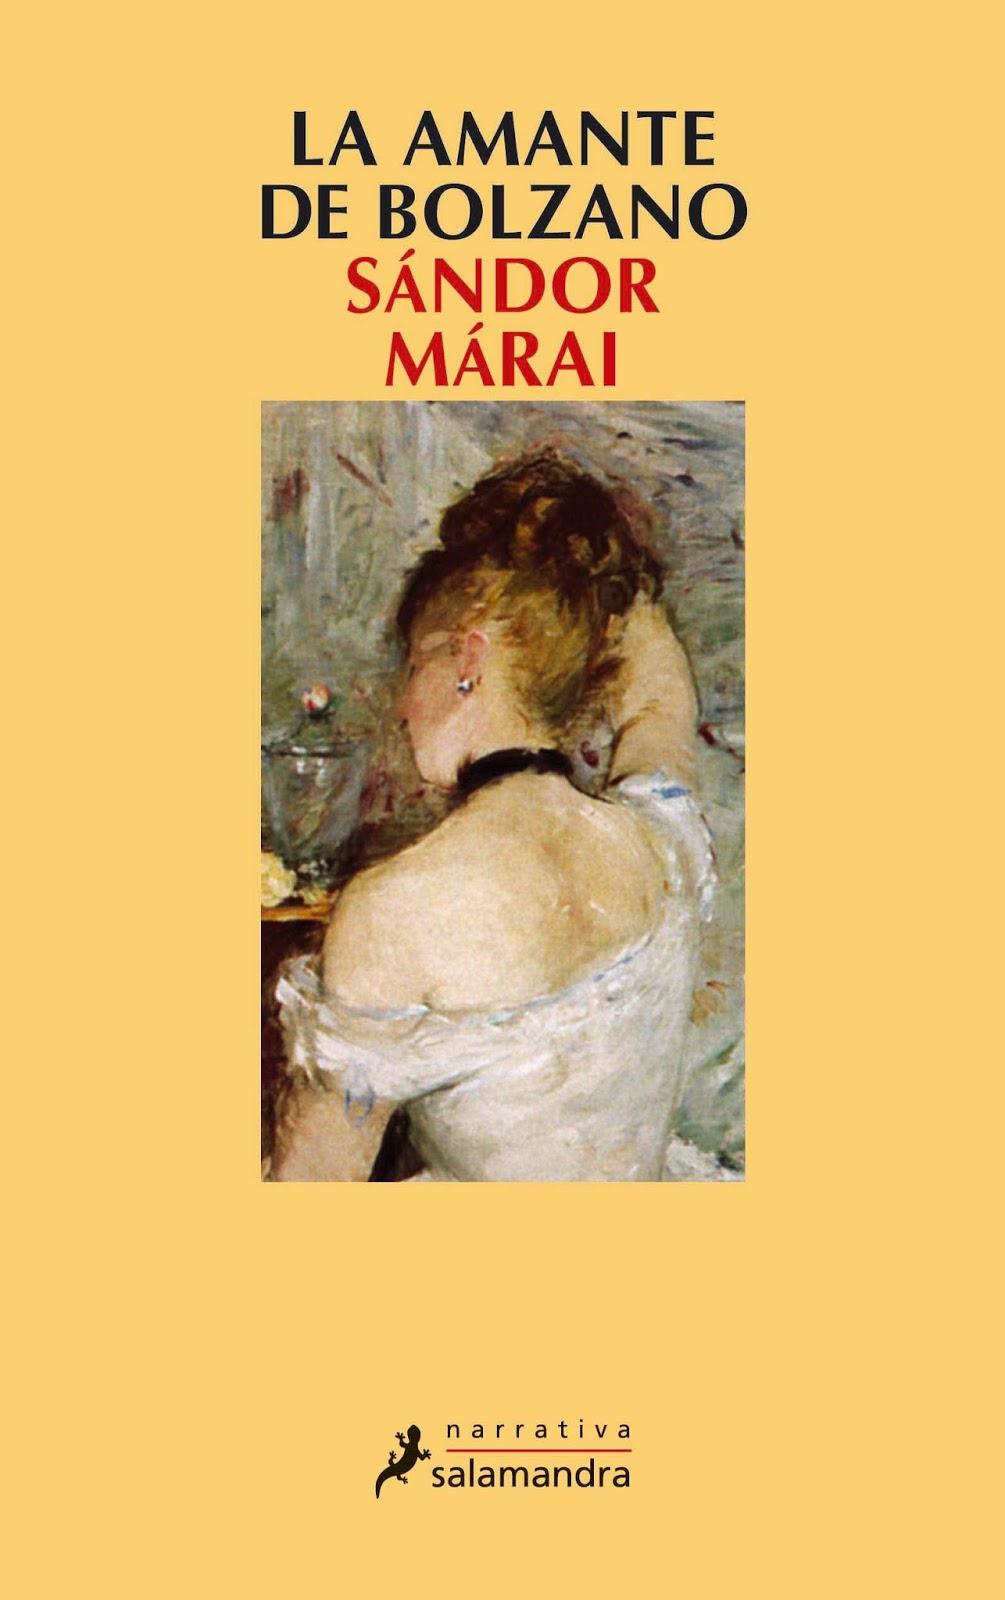 La amante de Bolzano – Sandor Marai